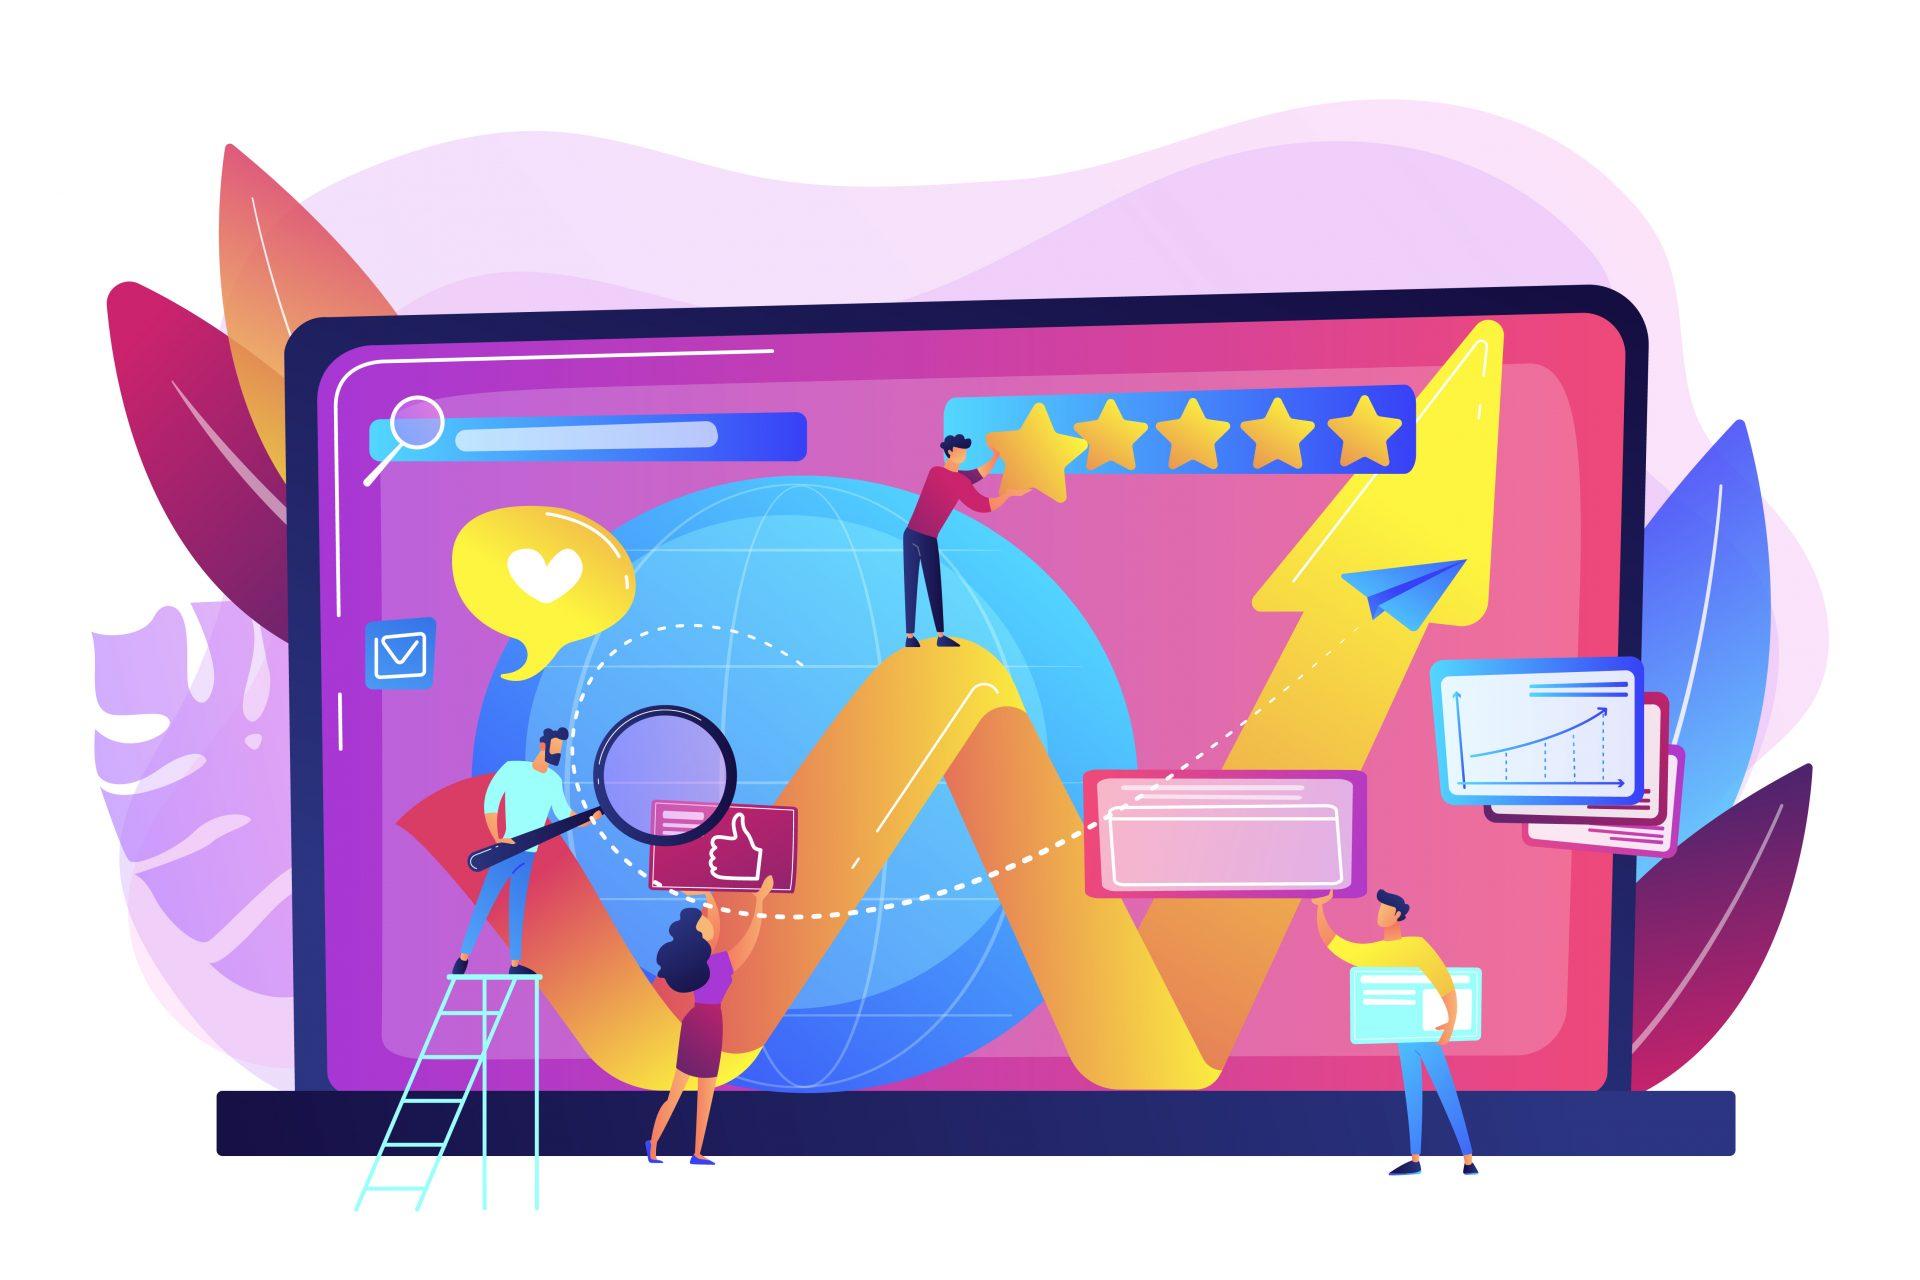 cum stăm cu proiectele pentru servicii publice digitale?